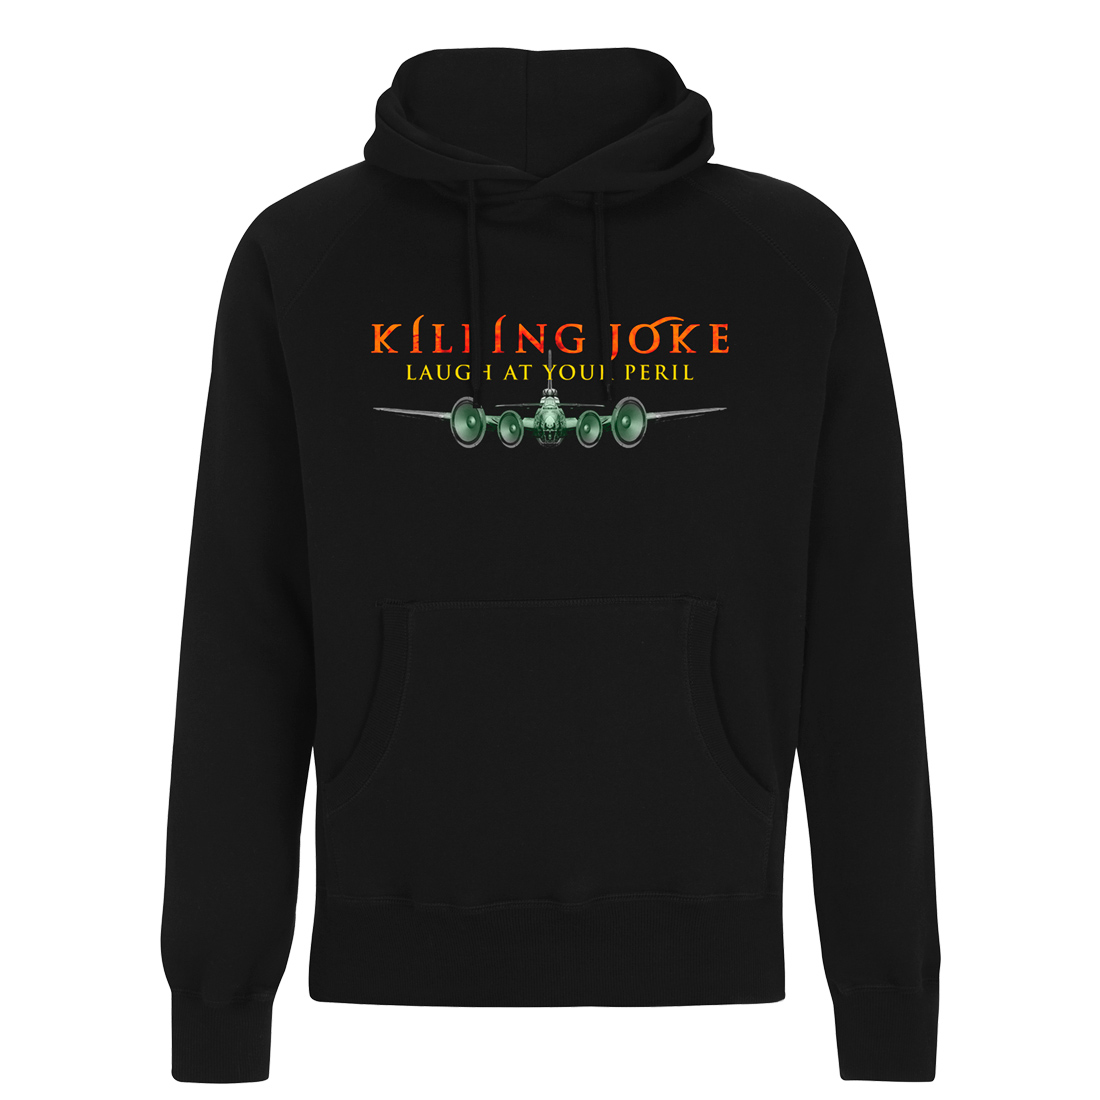 Laugh At Your Peril 2018 Tour Hoodie - Killing Joke